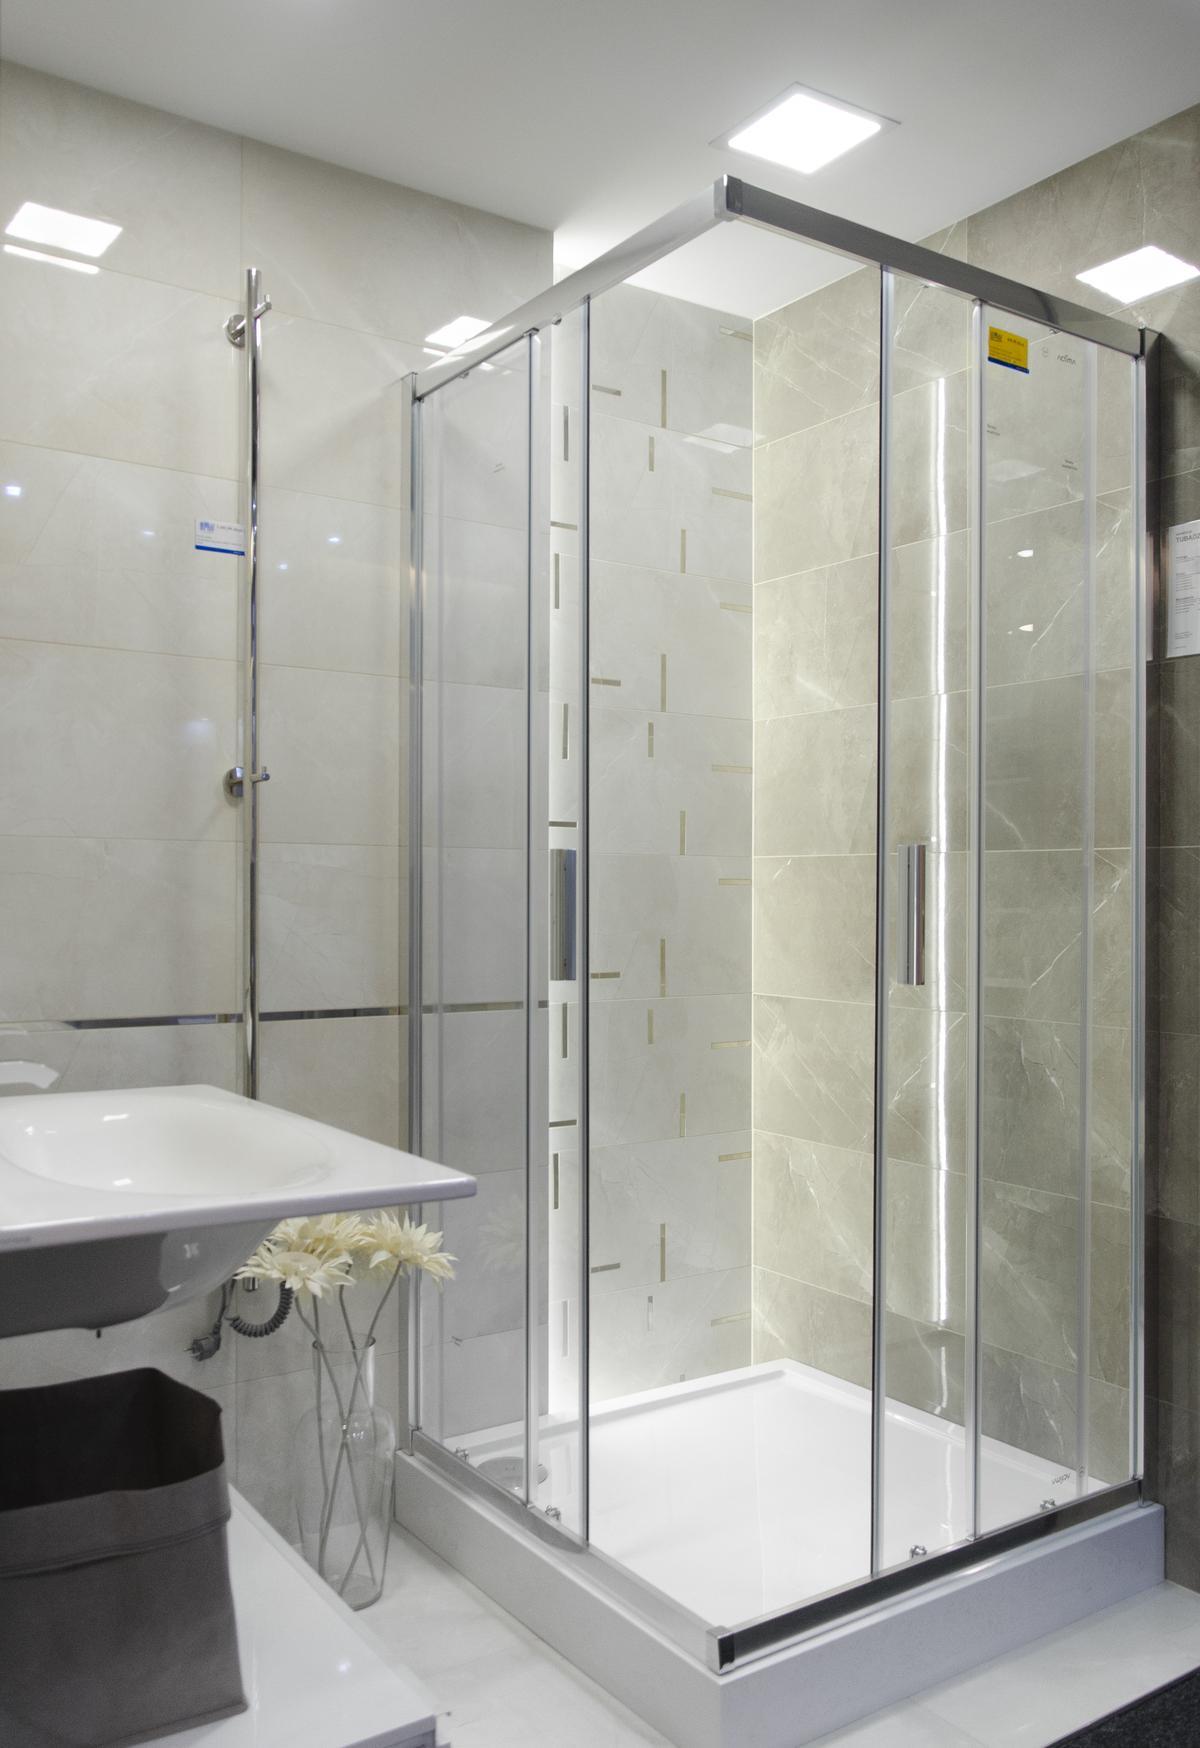 Aranżacja szarej łazienki z połyskującą płytką imitującą kamień - zdjęcie od BLU salon łazienek Koszalin